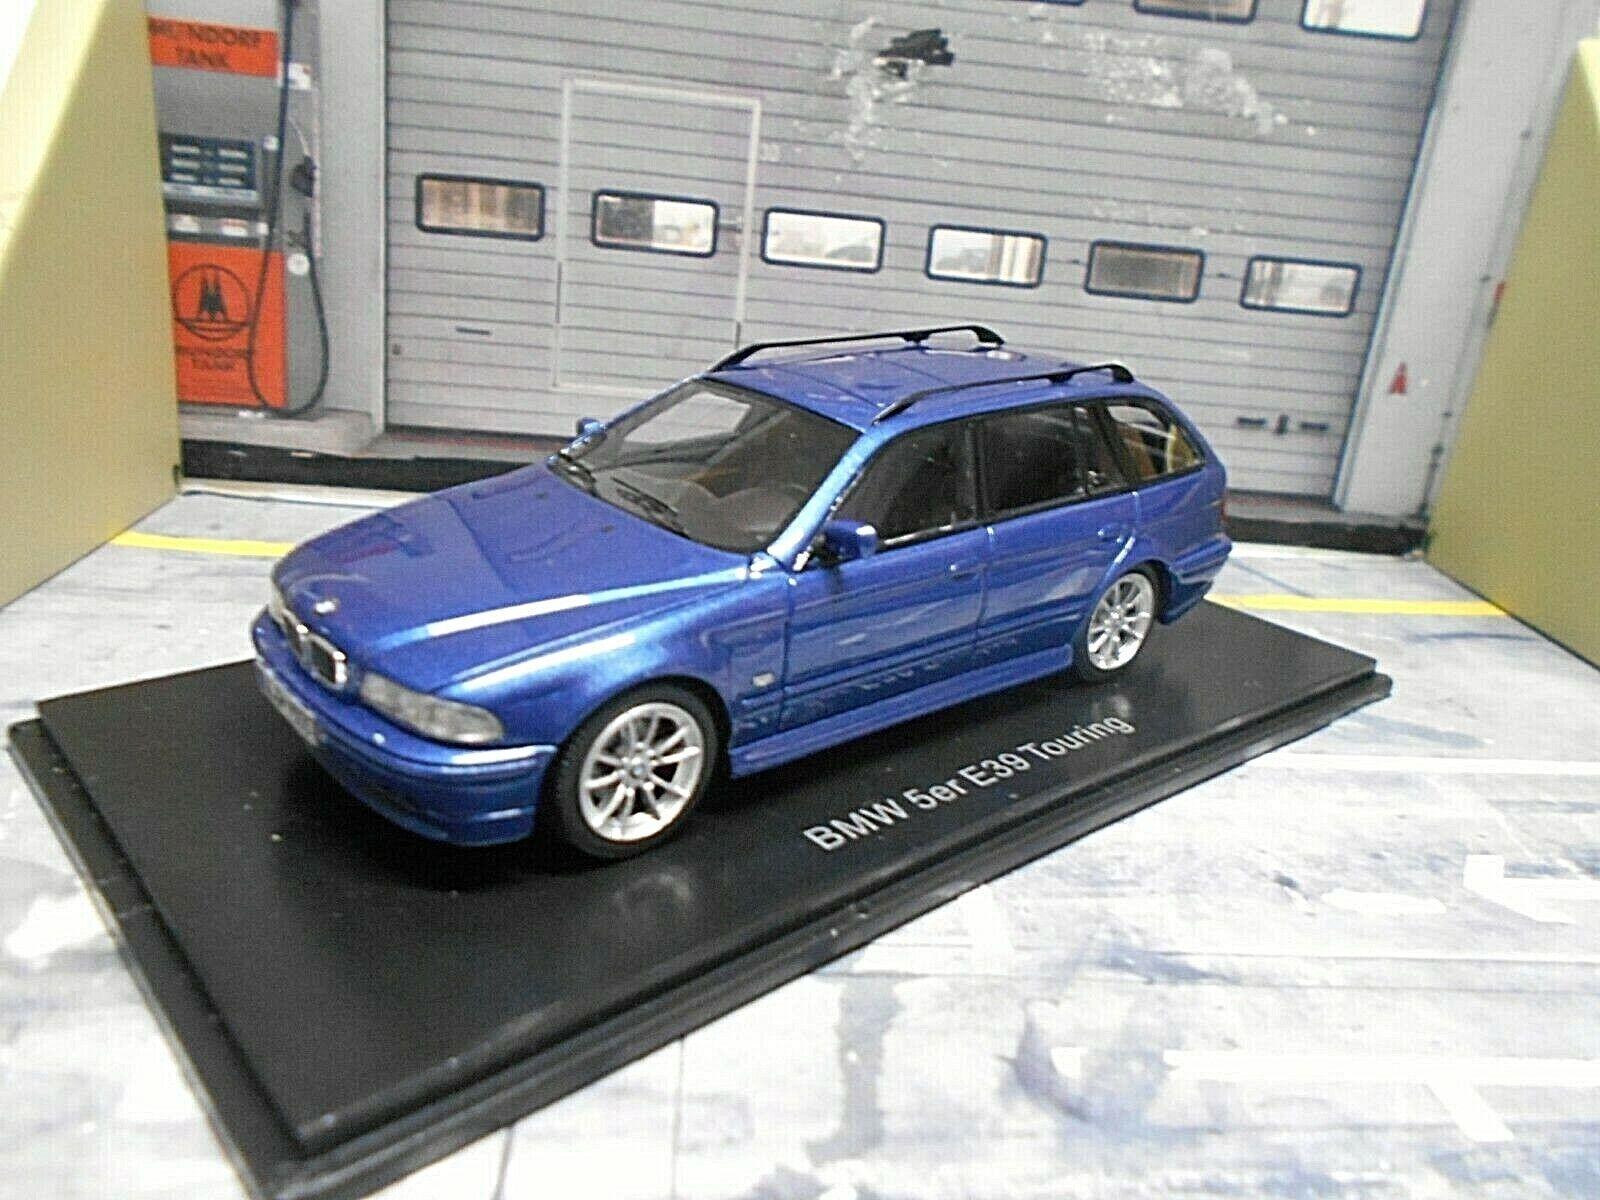 BMW 520i 520 5er 5er 5er Touring Kombi E39 blau Blau met 2002 NEO Highenddet Resine 1 43 b5245f